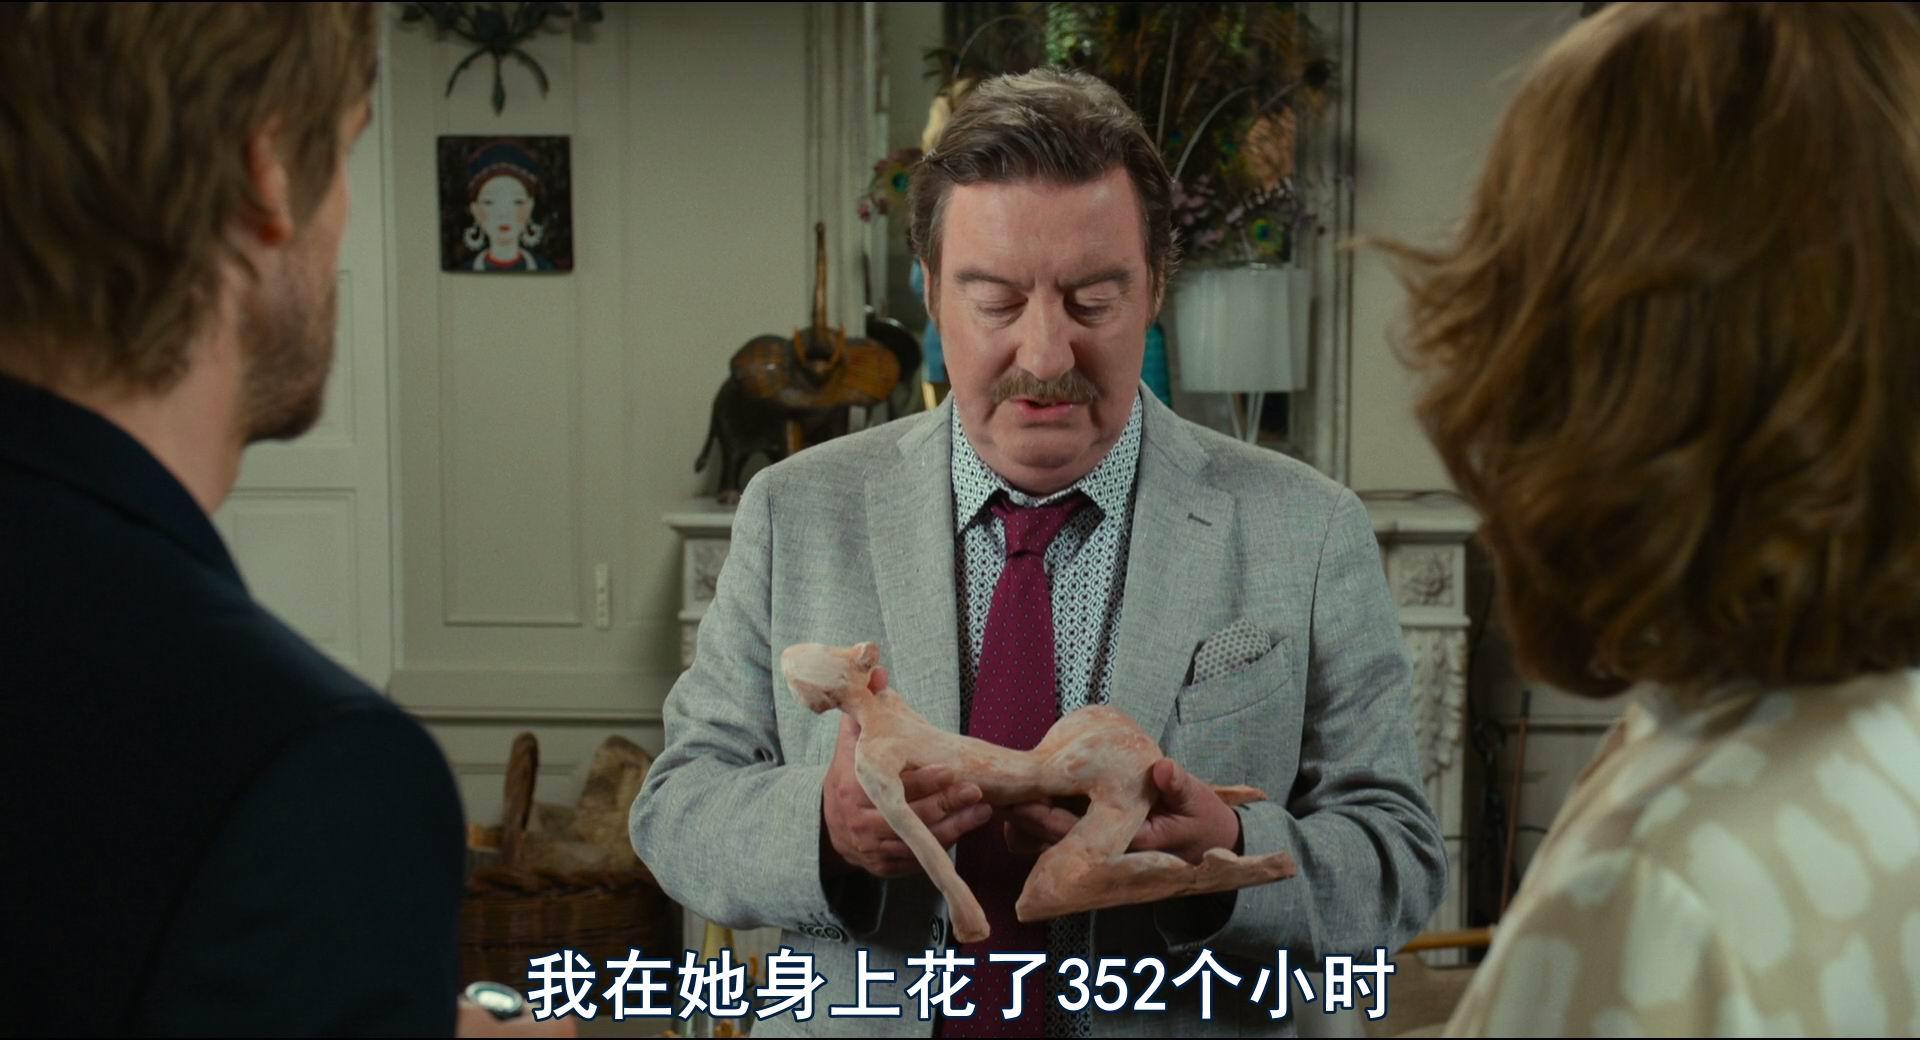 悠悠MP4_MP4电影下载_[借口公司][BD-MKV/2G][英语中字][1080p]